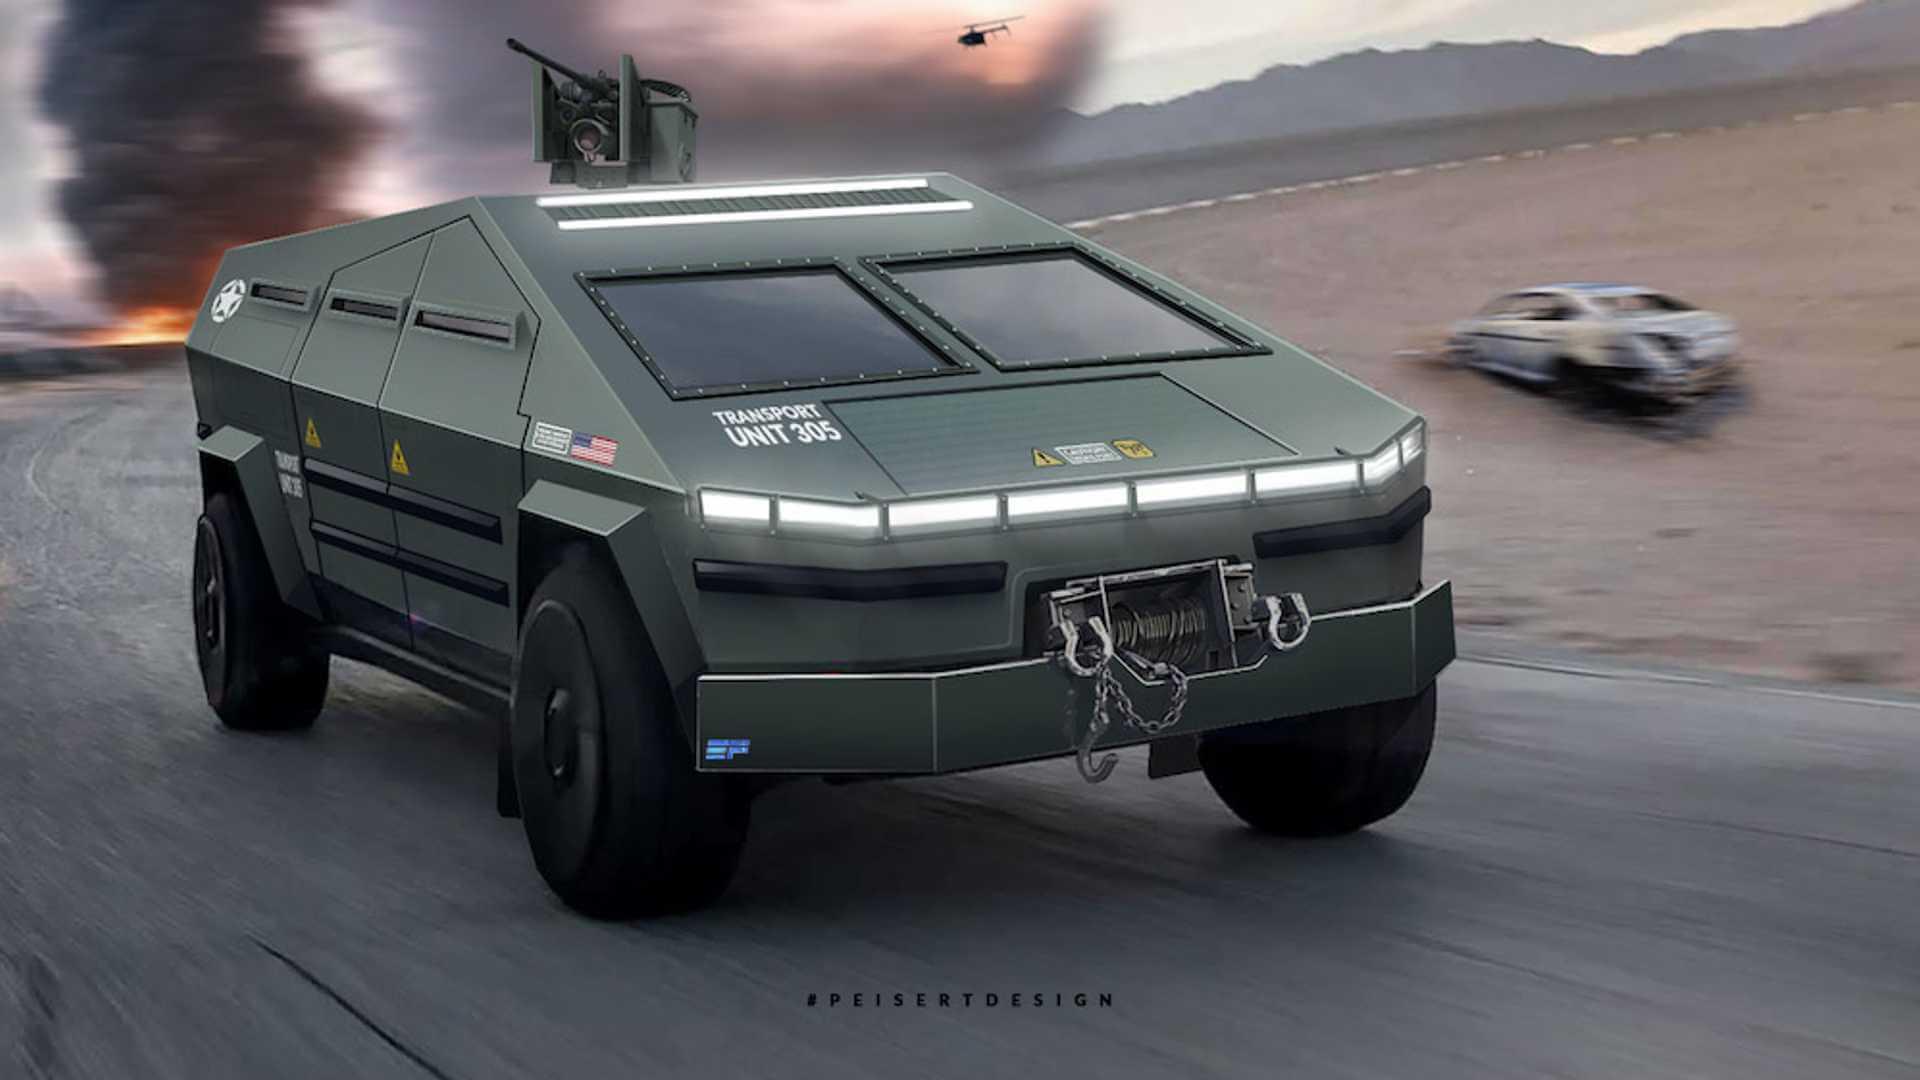 Дизайнер представил рендер военного киберпикапа Tesla